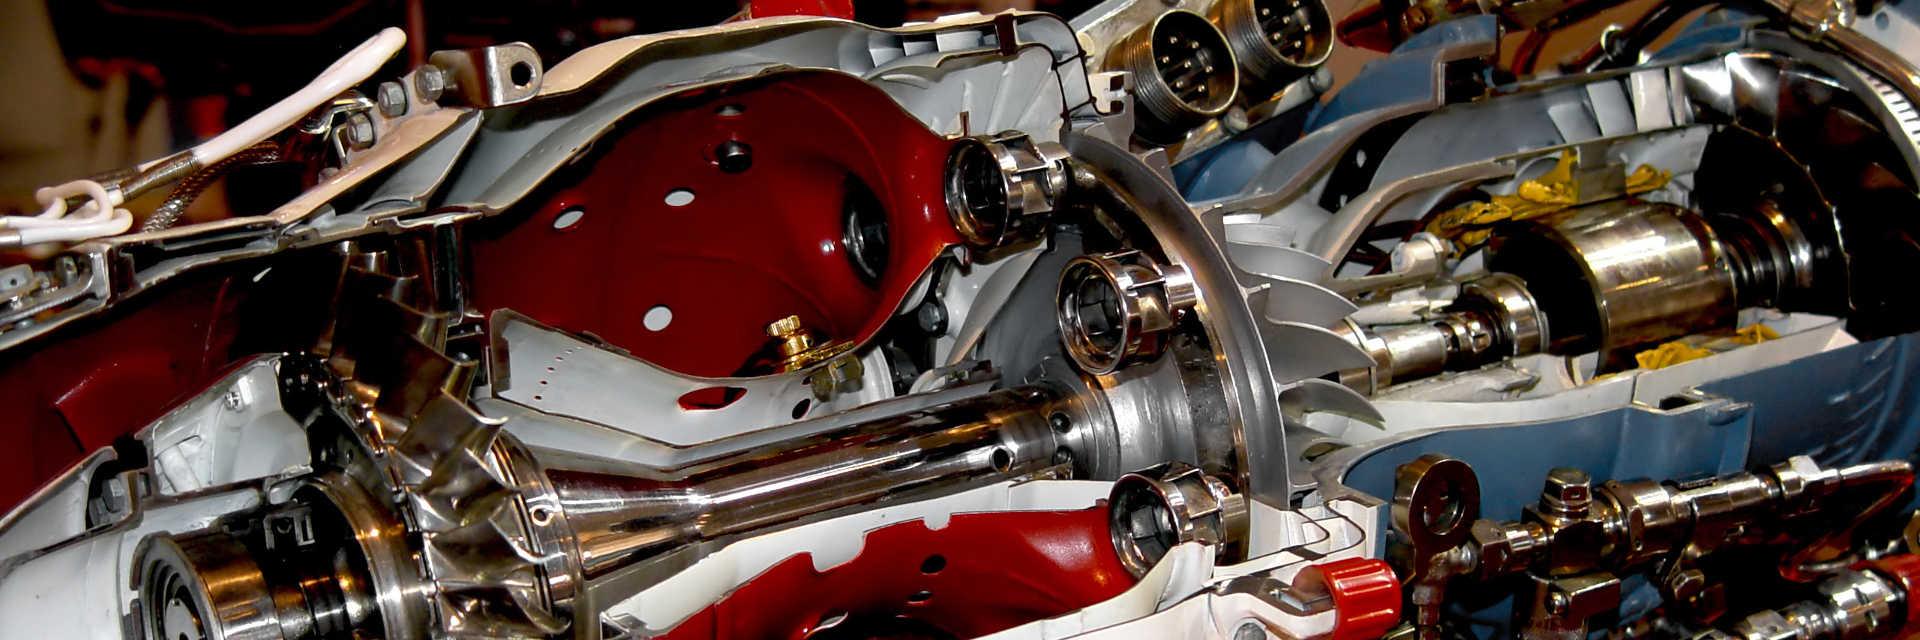 starter/generator per applicazioni aeronautiche